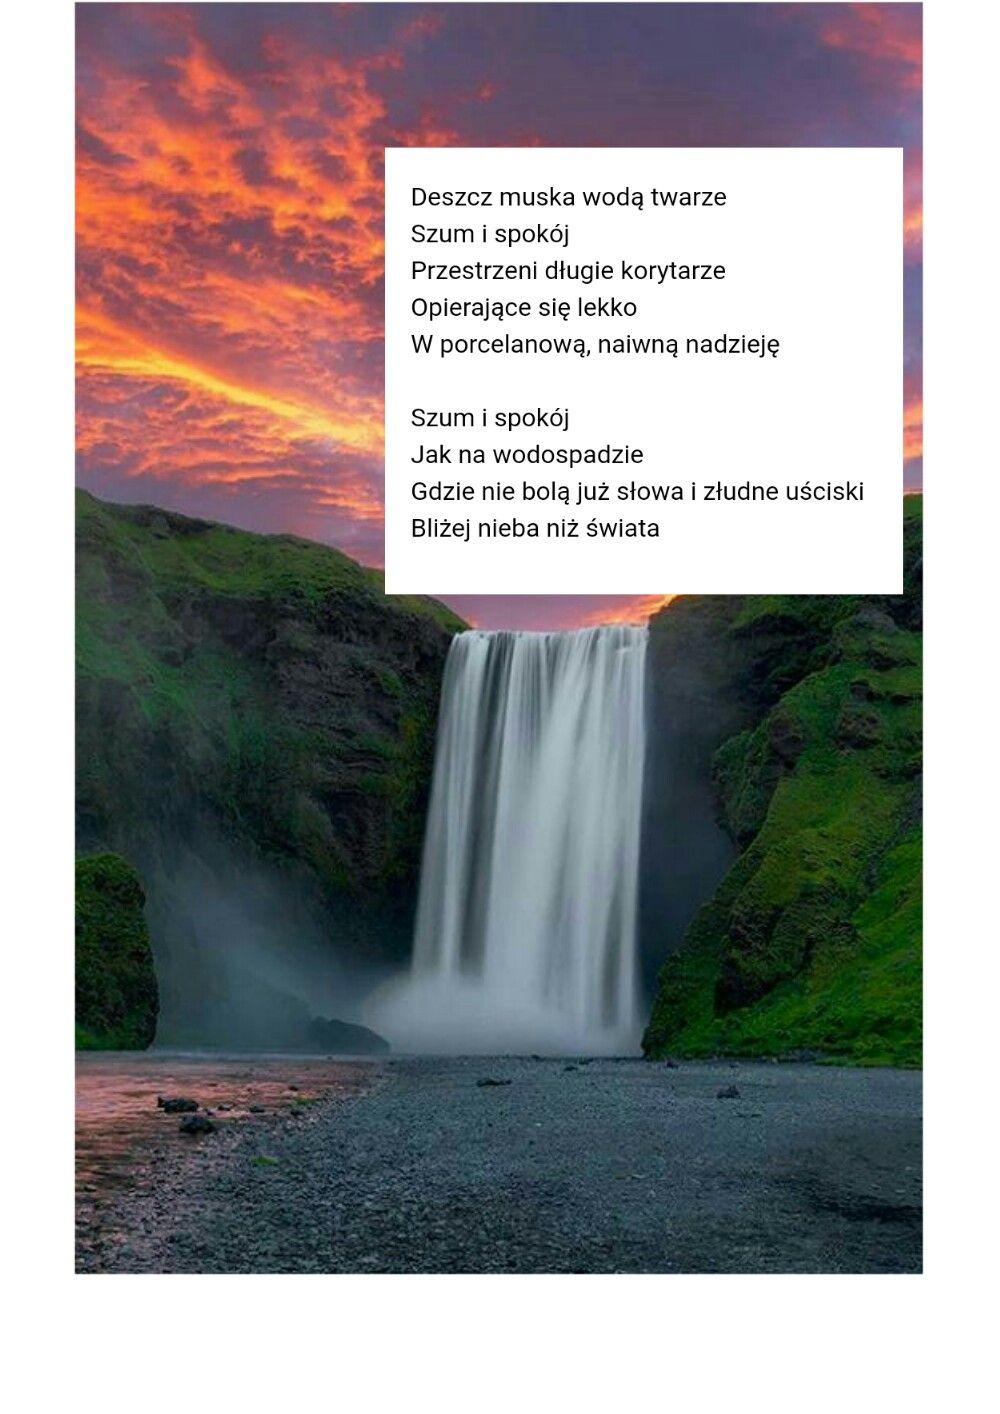 Moje Autorskie Wodospad Poezja Wiersz Widoki Poezja